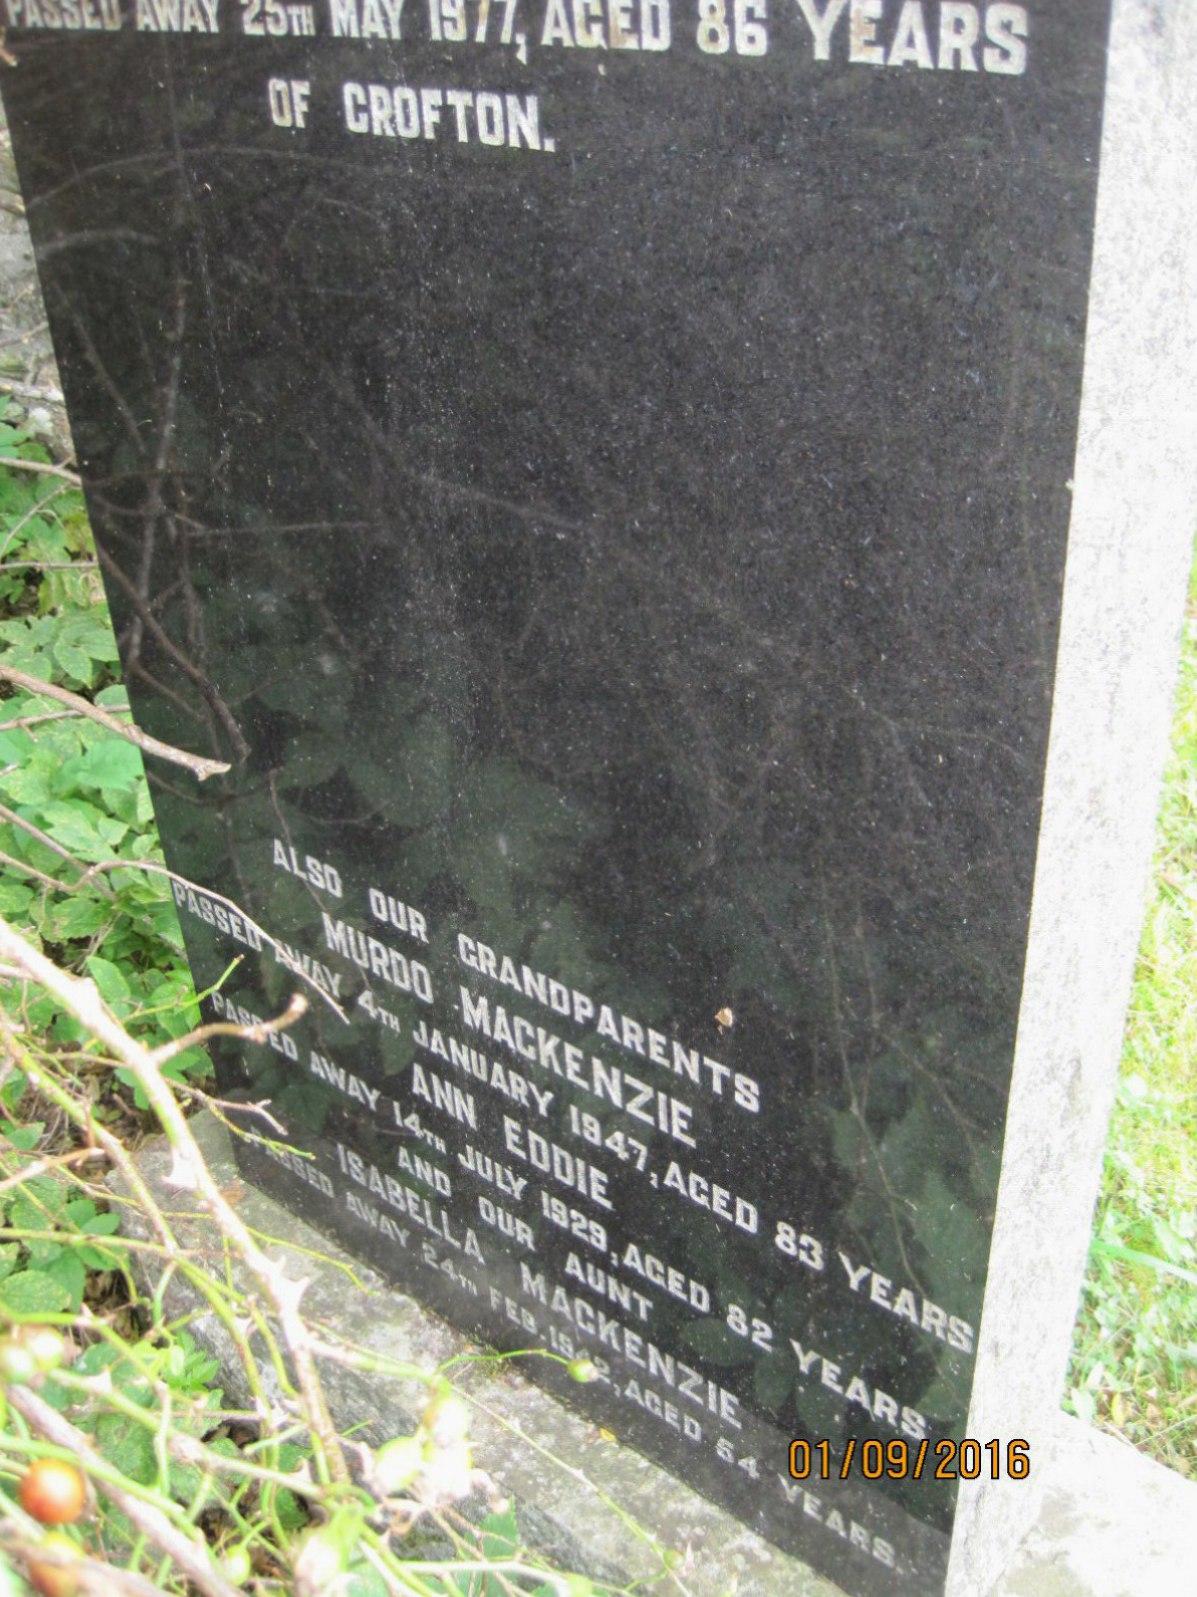 Murdo Mackenzie 1937, Ann Eddie 1929